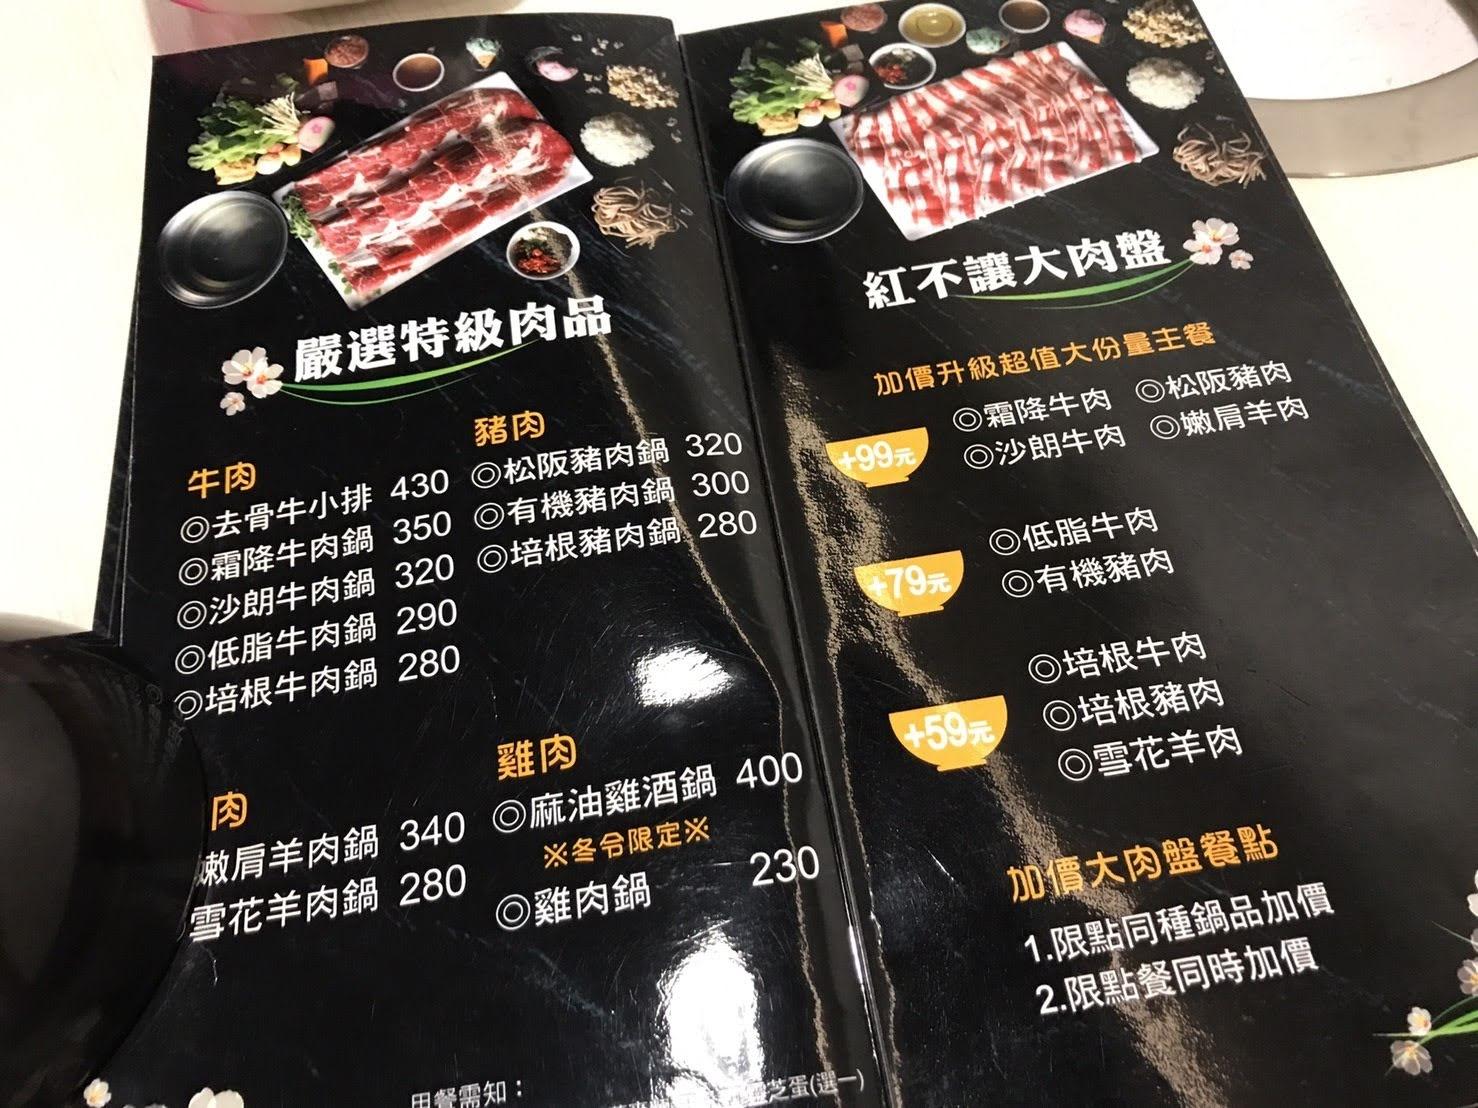 郁之町涮涮鍋 菜單